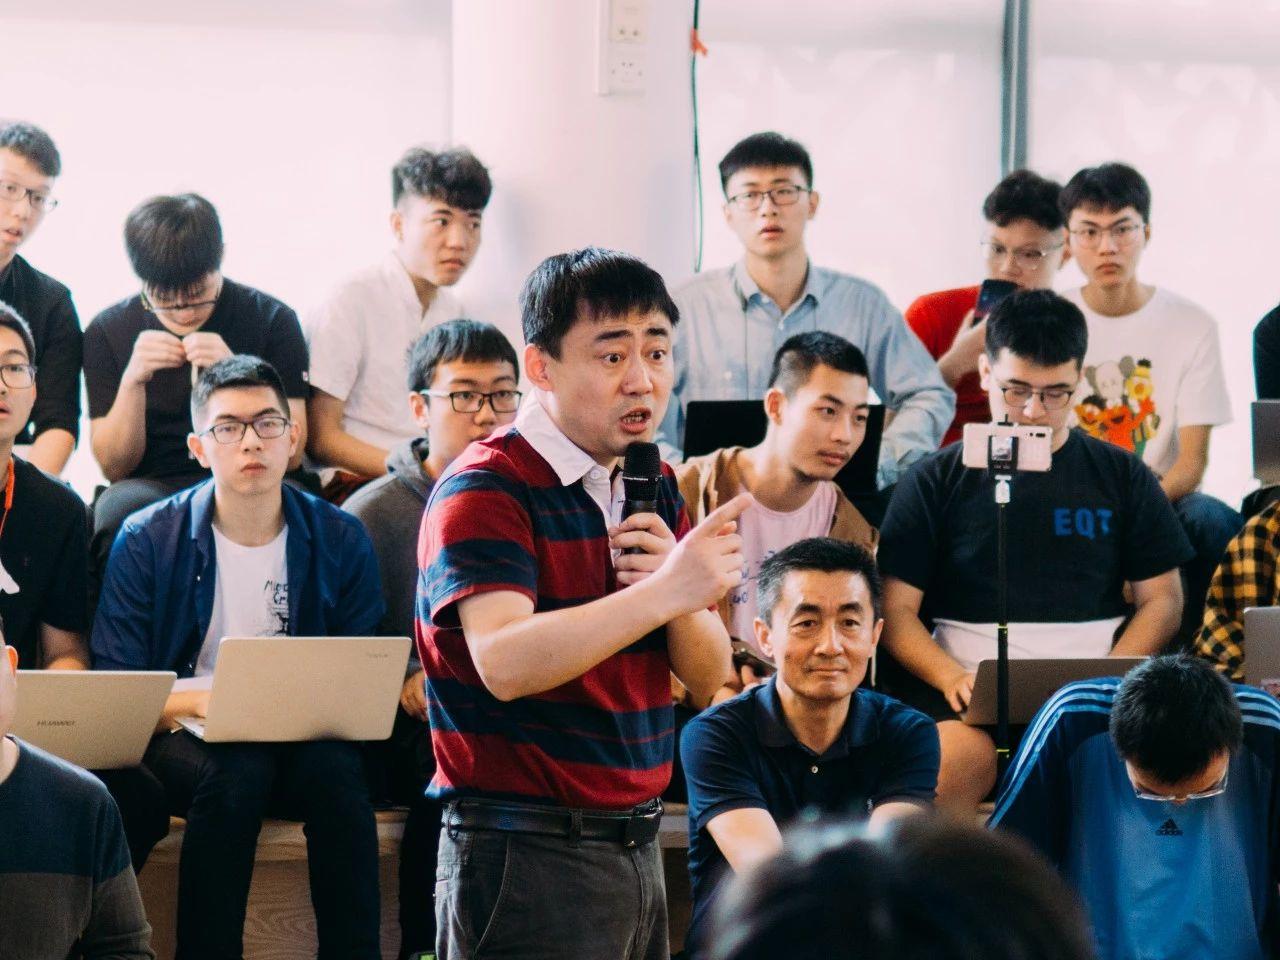 2019年4月,正于学生议事会上解答同学问题的学工部长薛铮/铮锋媒体工作室